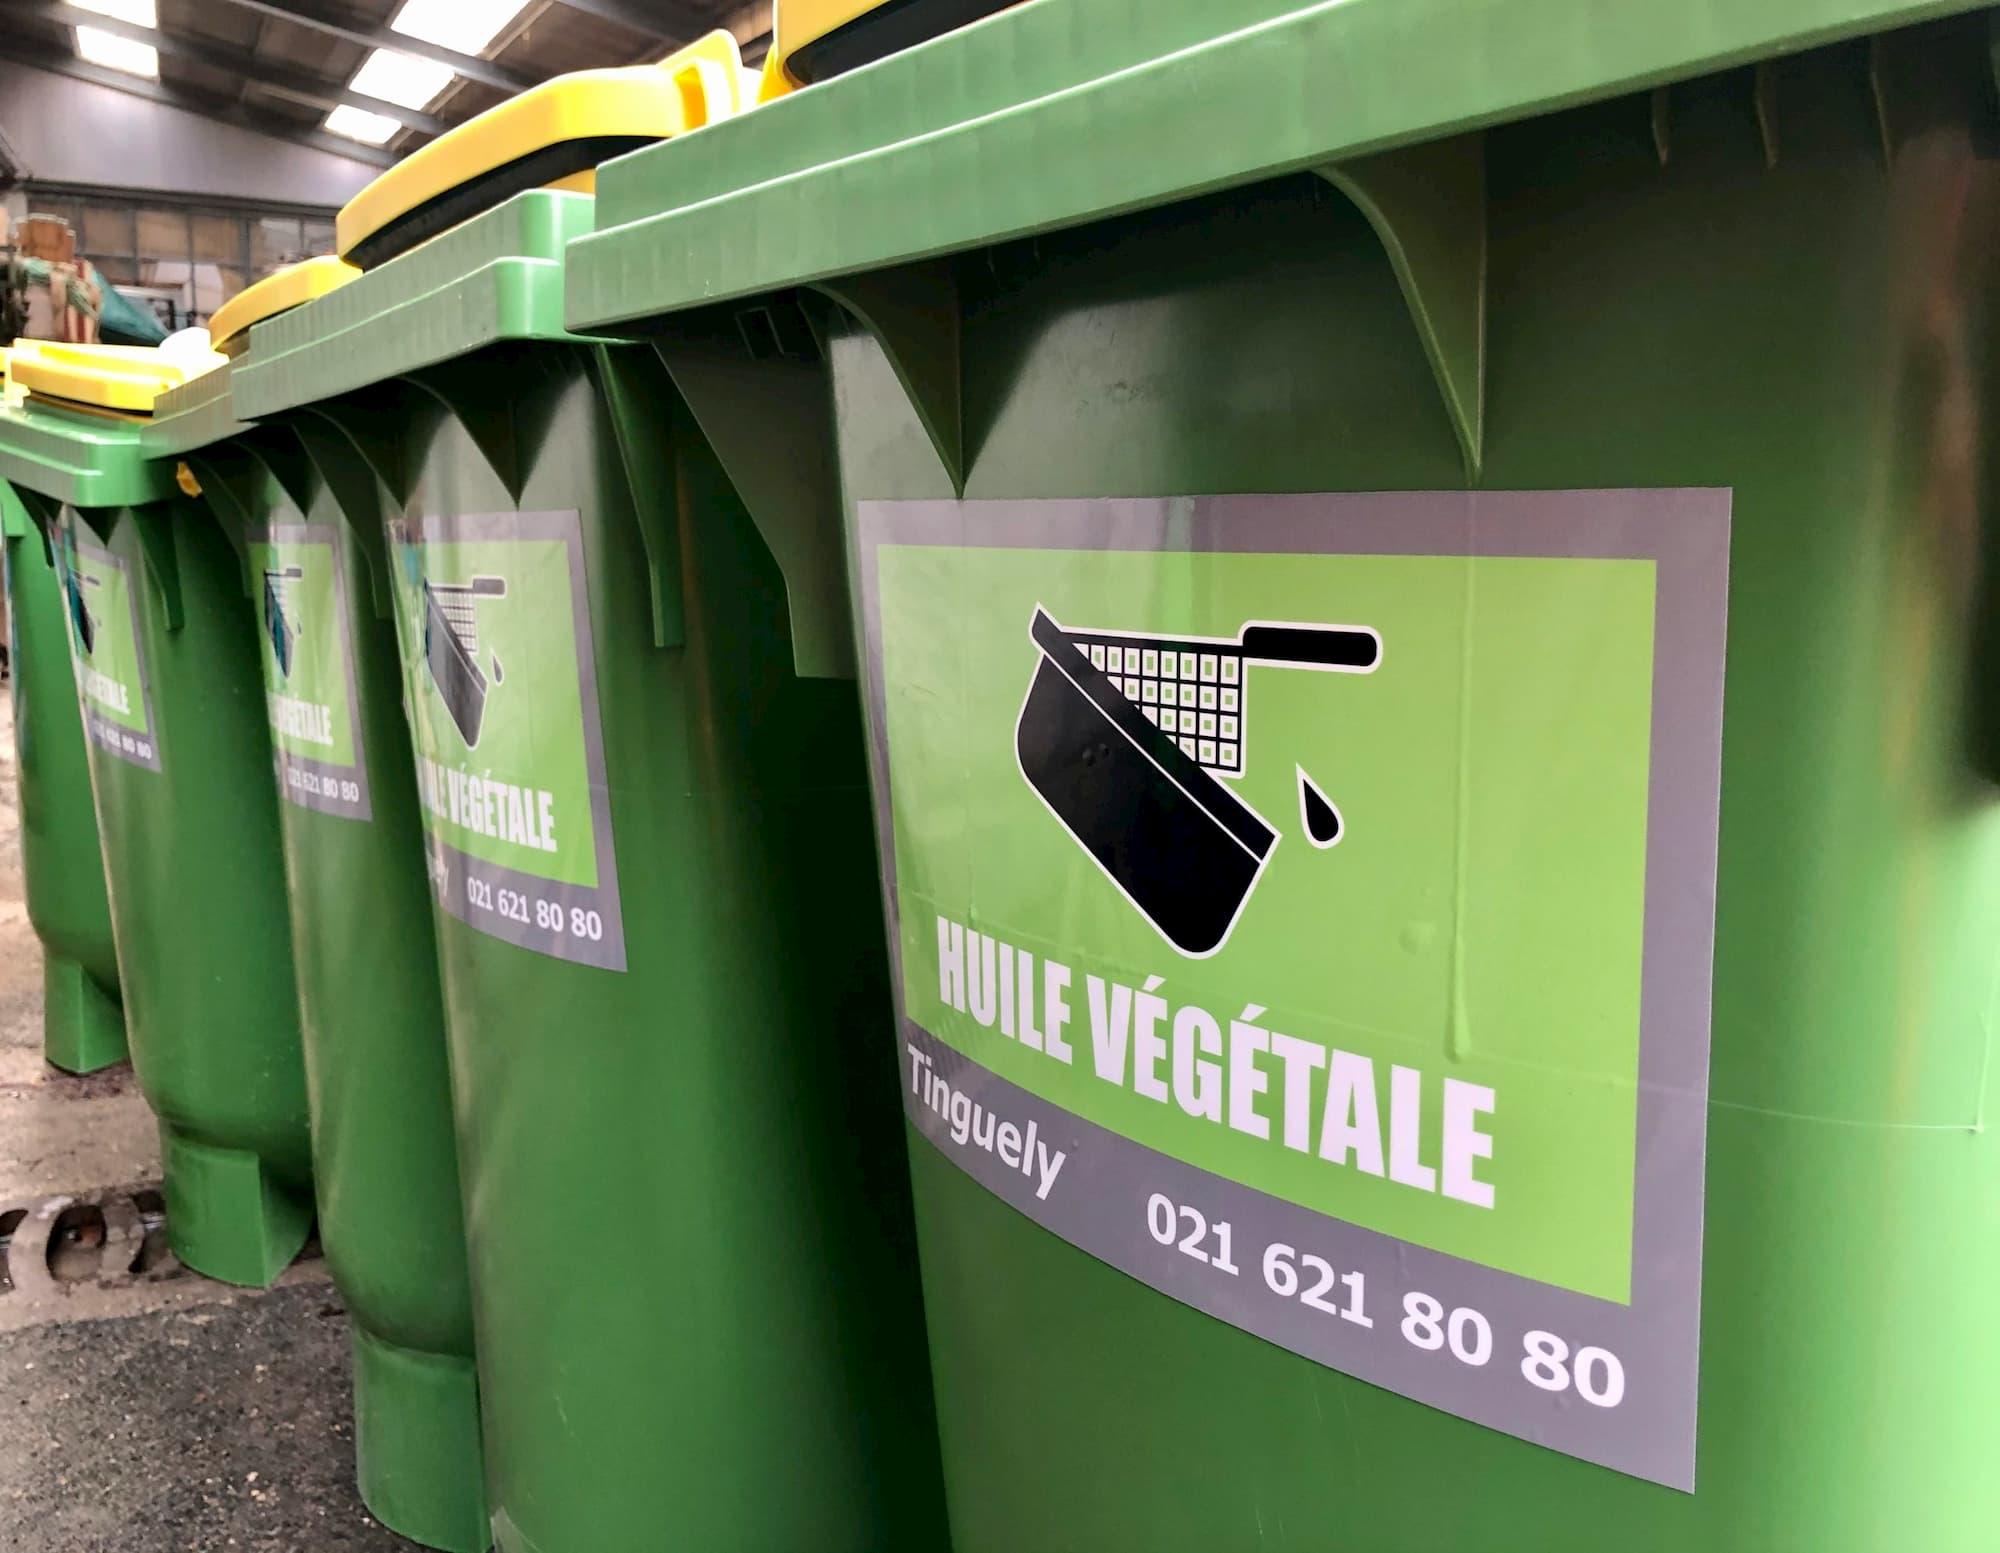 collecte des dechets containers verts de tri pour huile végétale dans les locaux Tinguely en Suisse